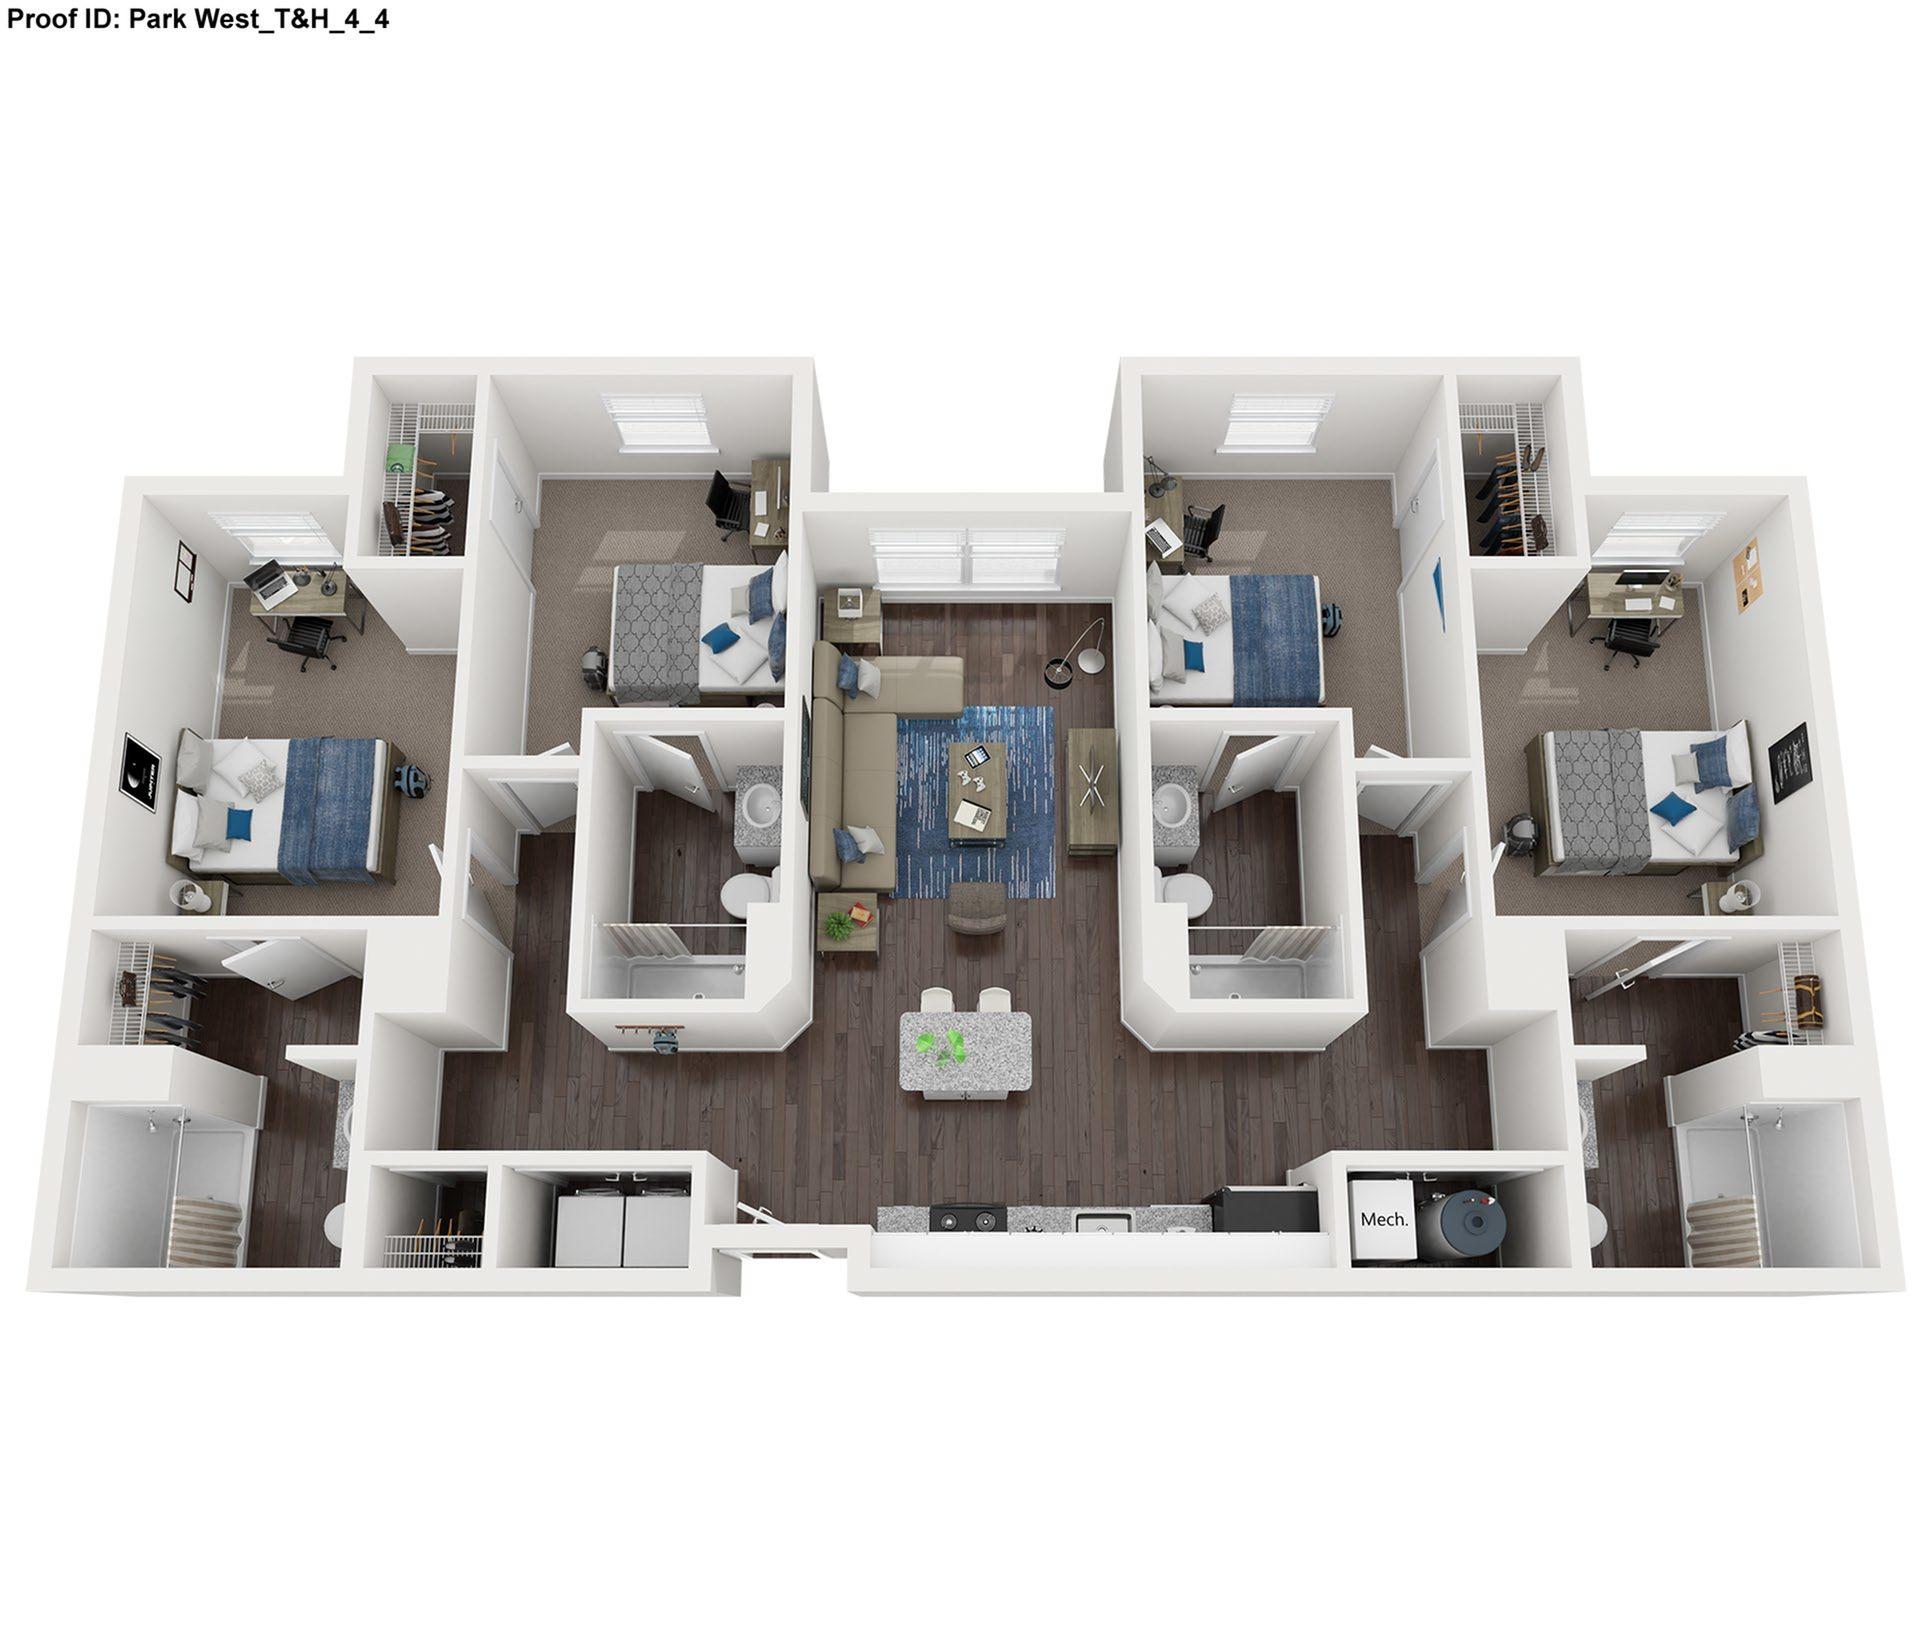 4 Bed 4 Bath Floor Plan